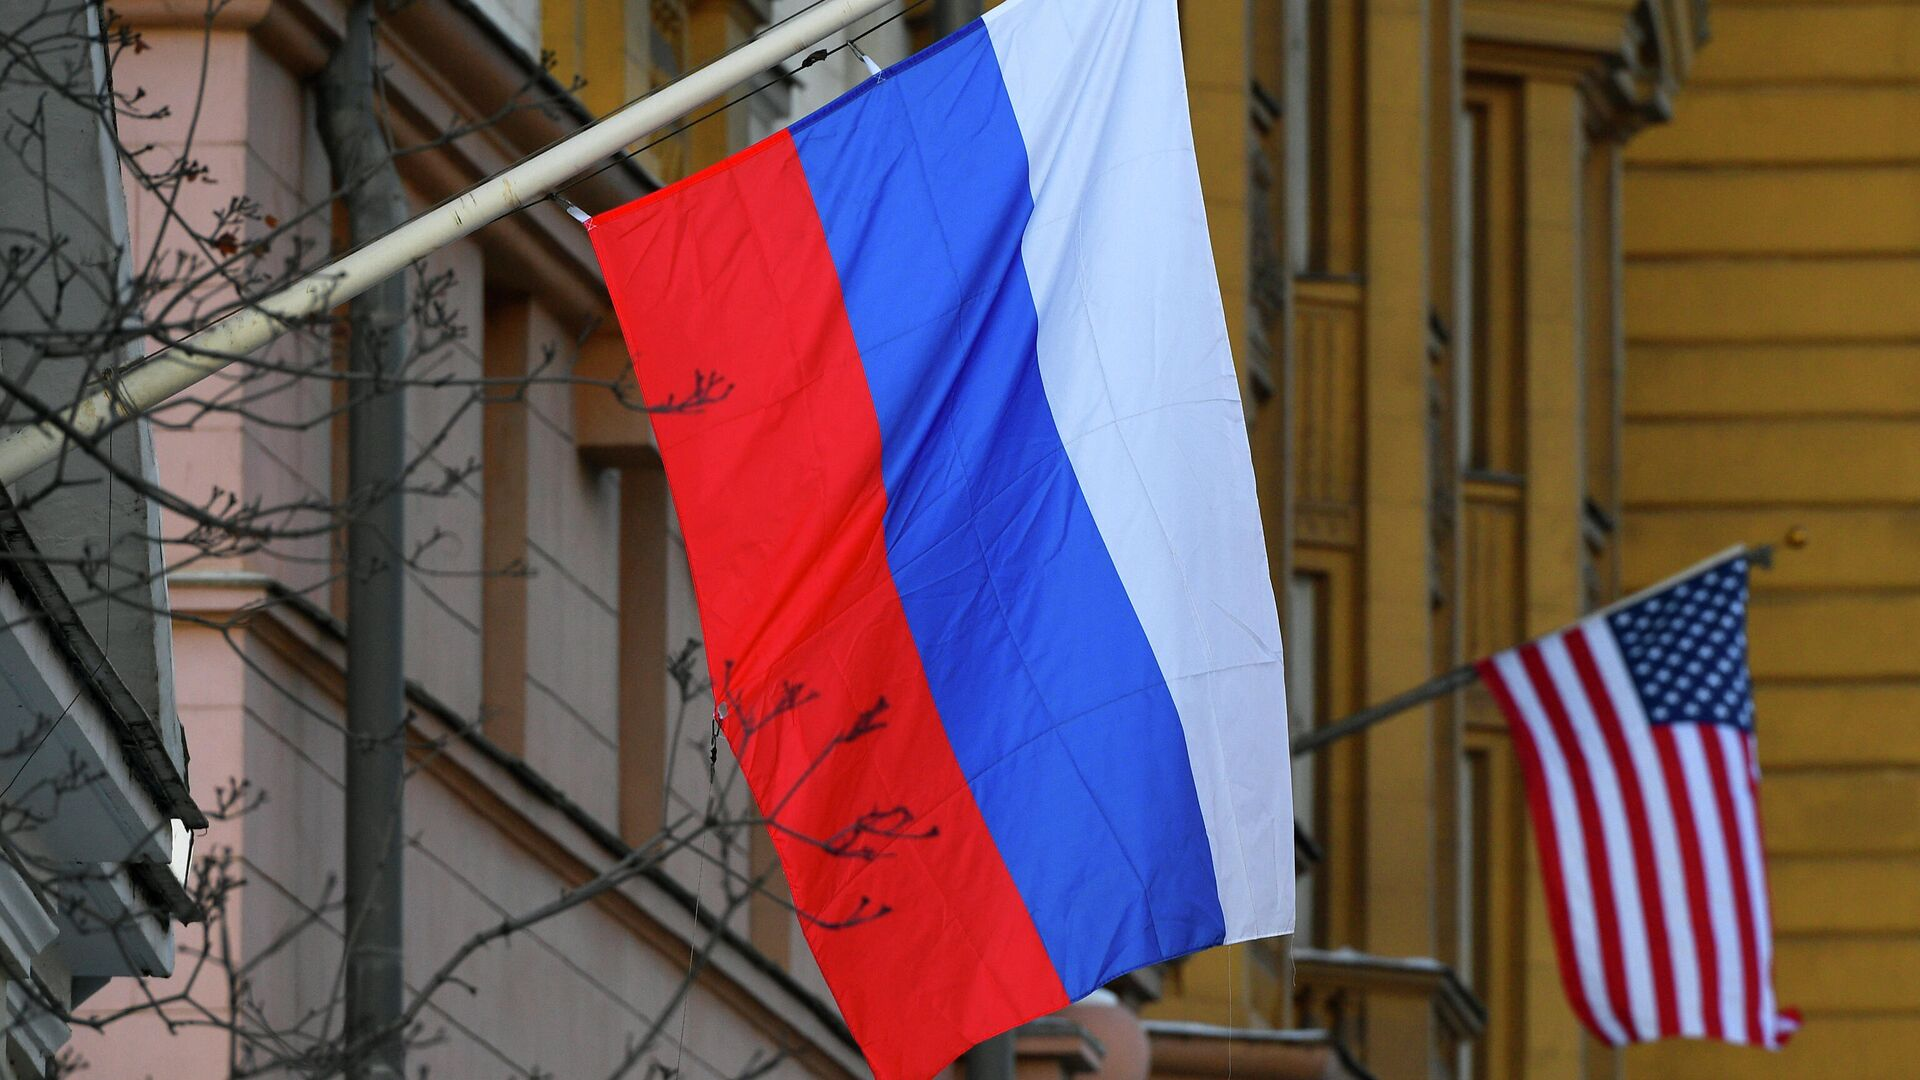 Banderas de Rusia y EEUU en la Embajada estadounidense en Moscú - Sputnik Mundo, 1920, 27.09.2021